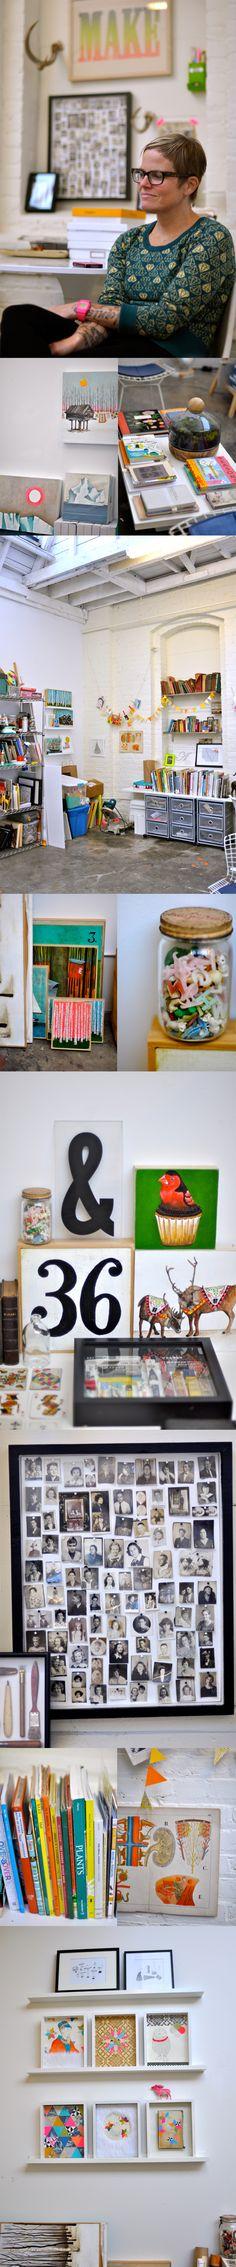 Lisa Congdon's studio via @sfgirlbybay *